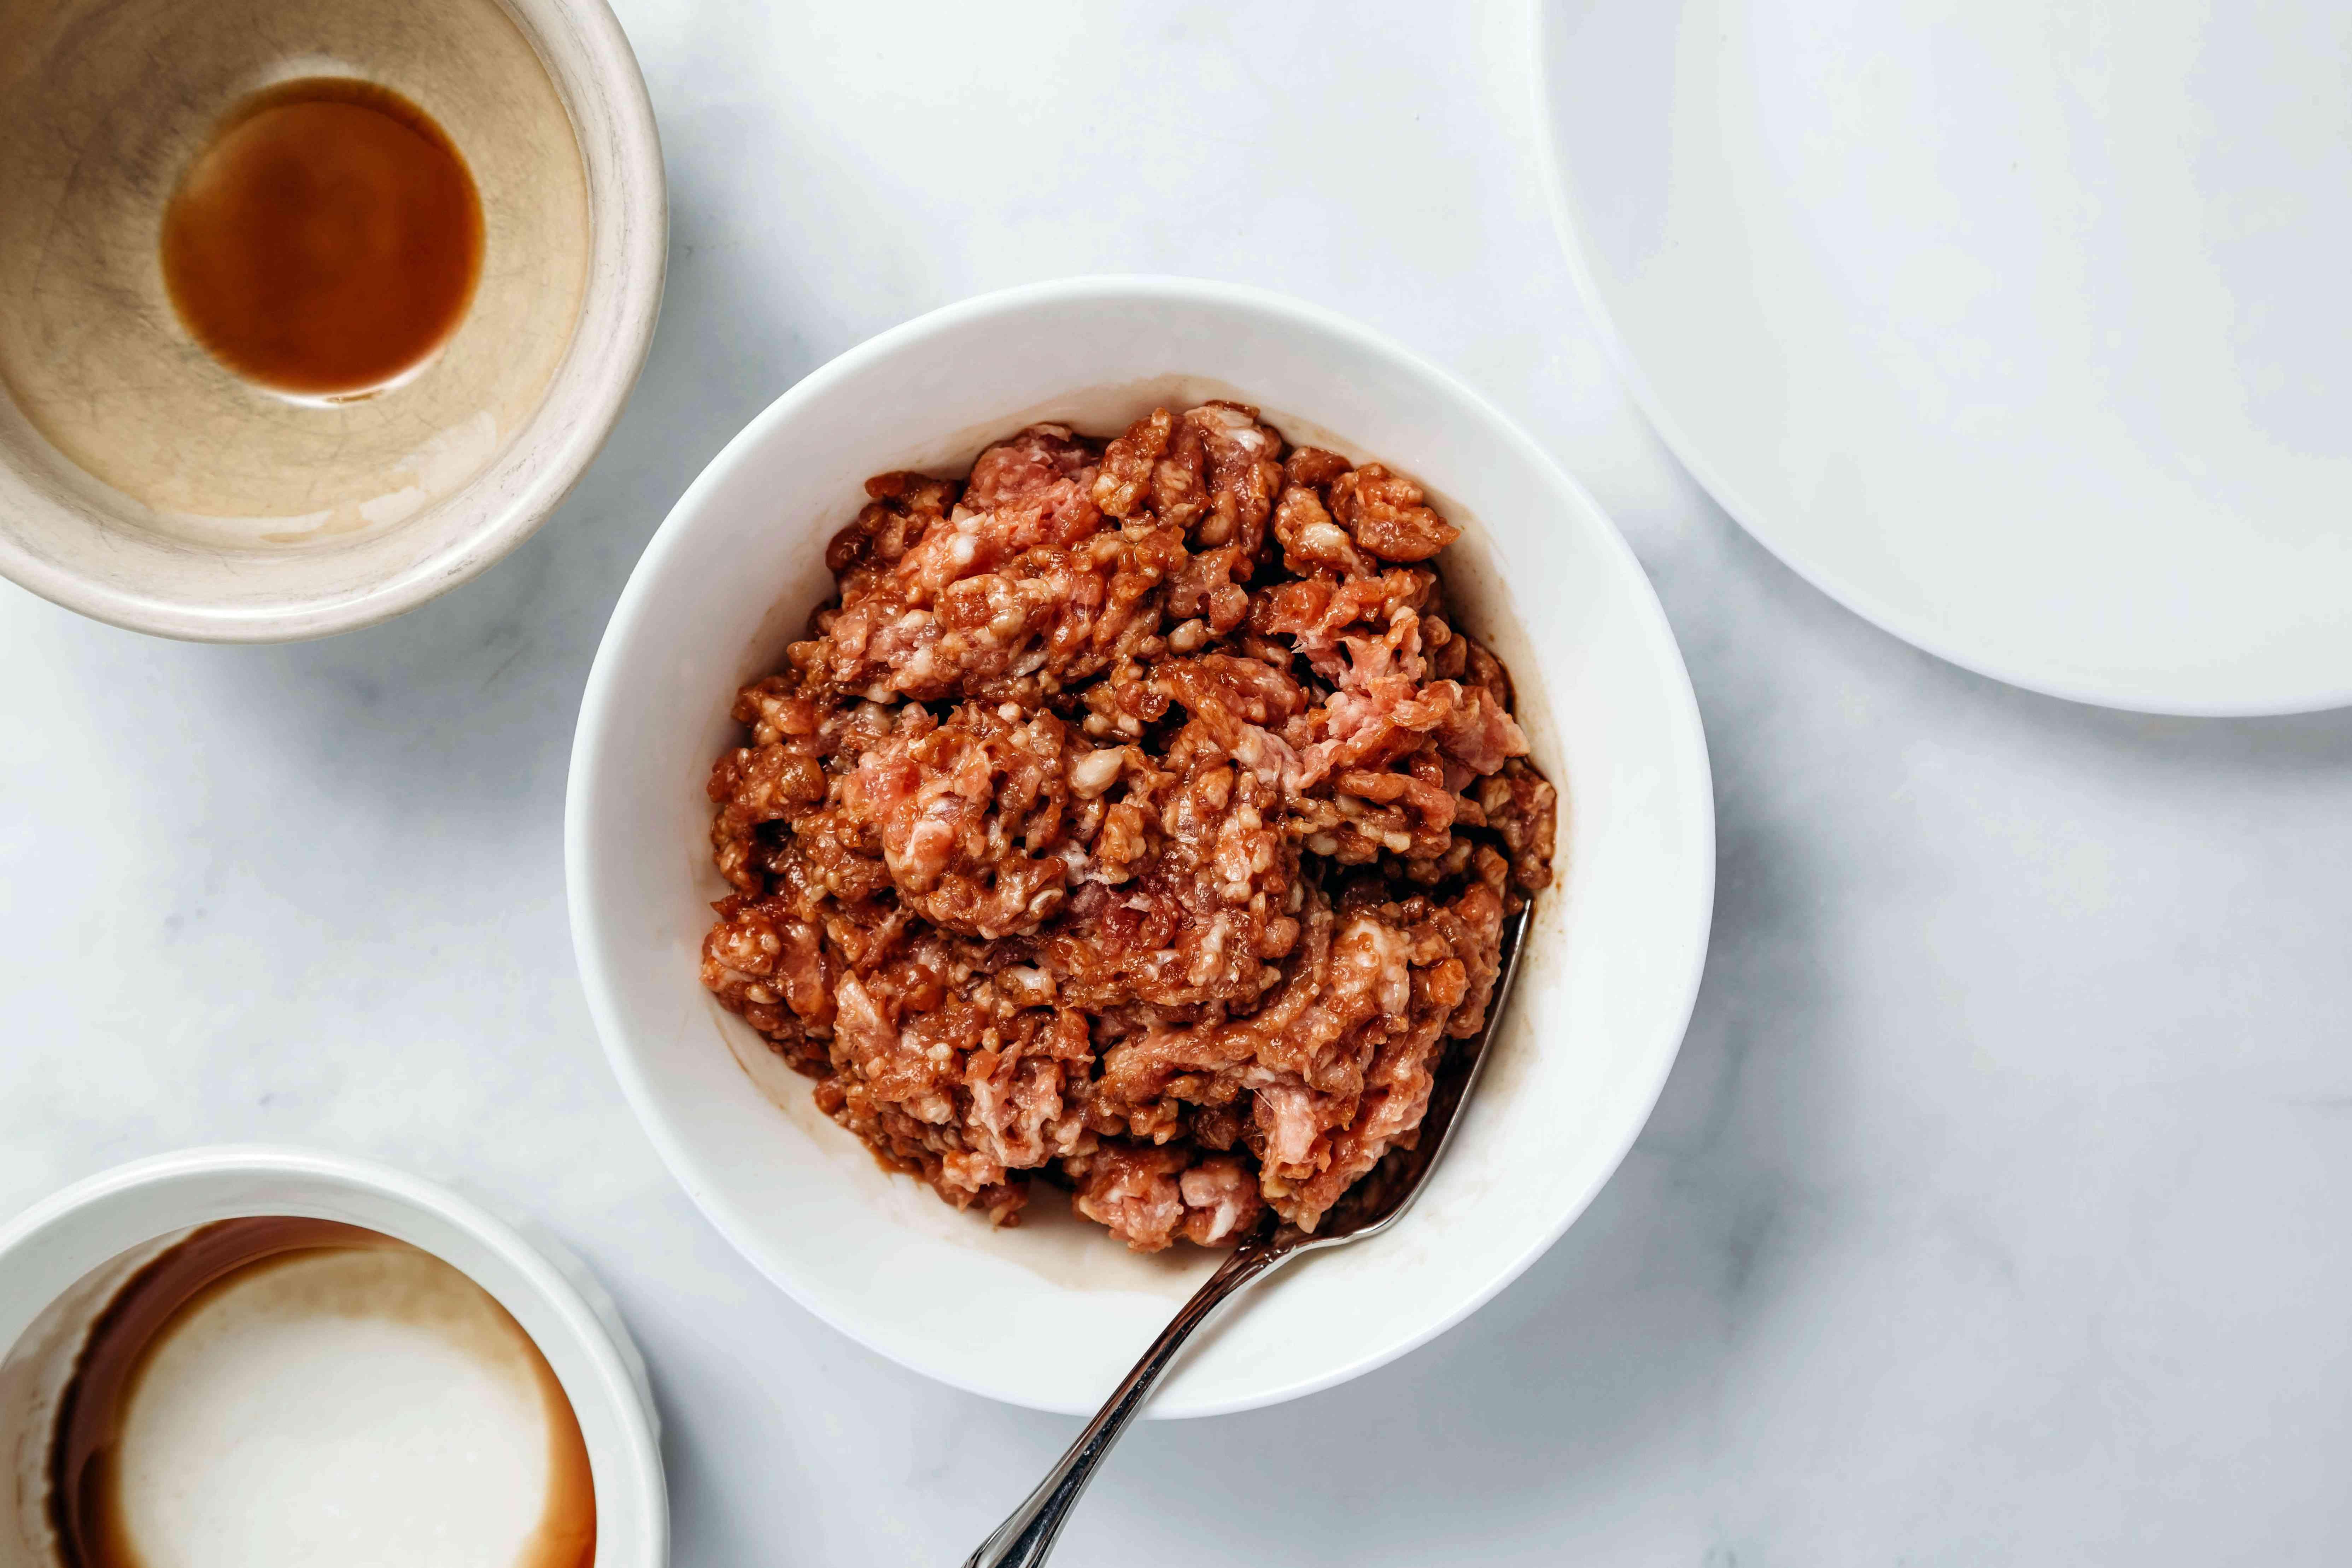 Marinate pork in a bowl